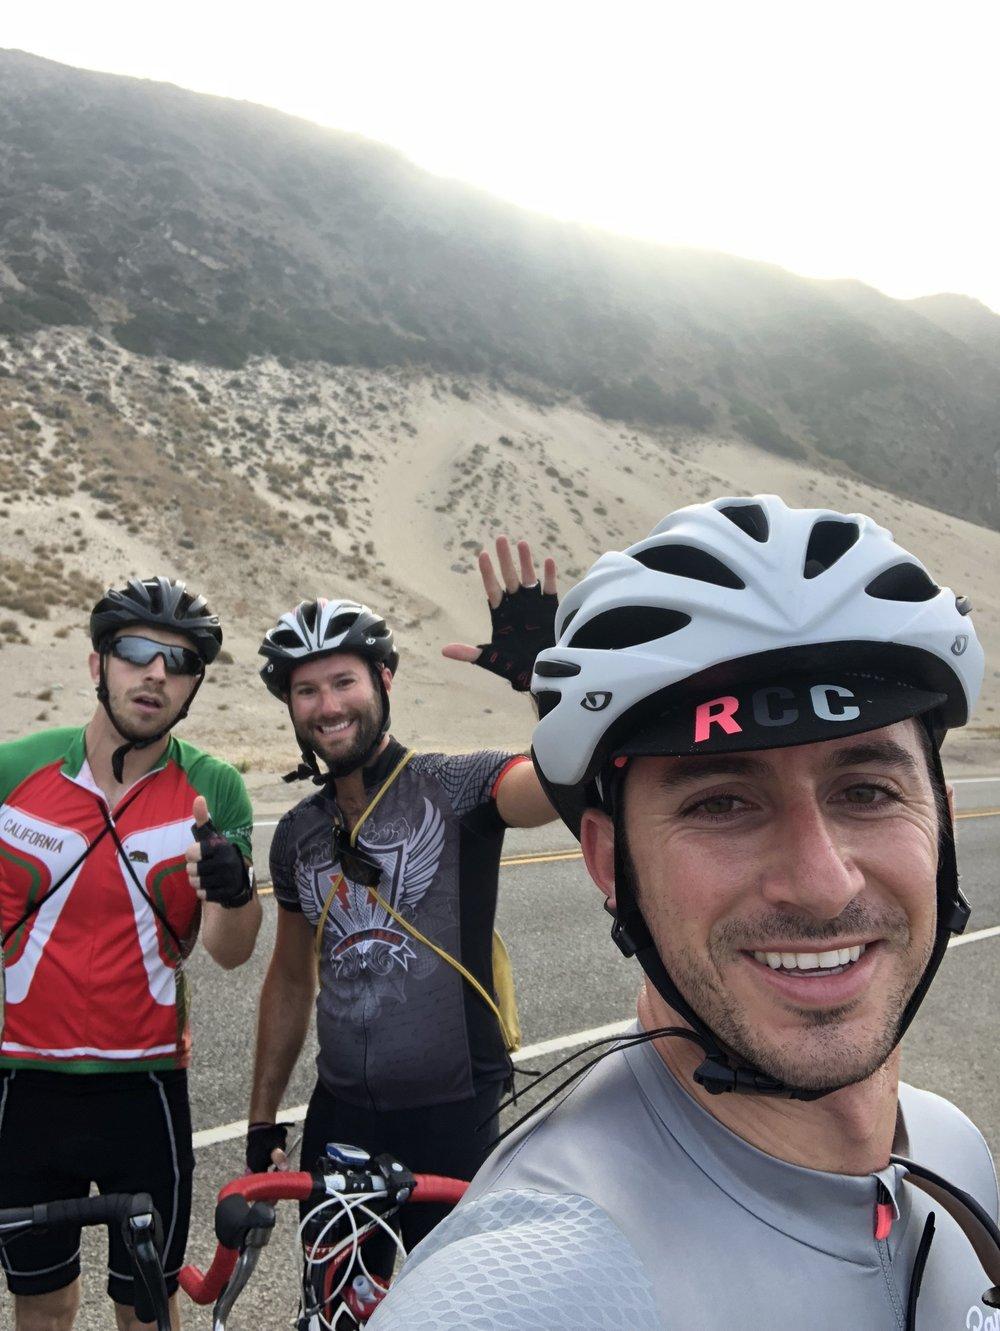 Jason, Jordan and Myself knocking out 100 miles to Santa Barbara